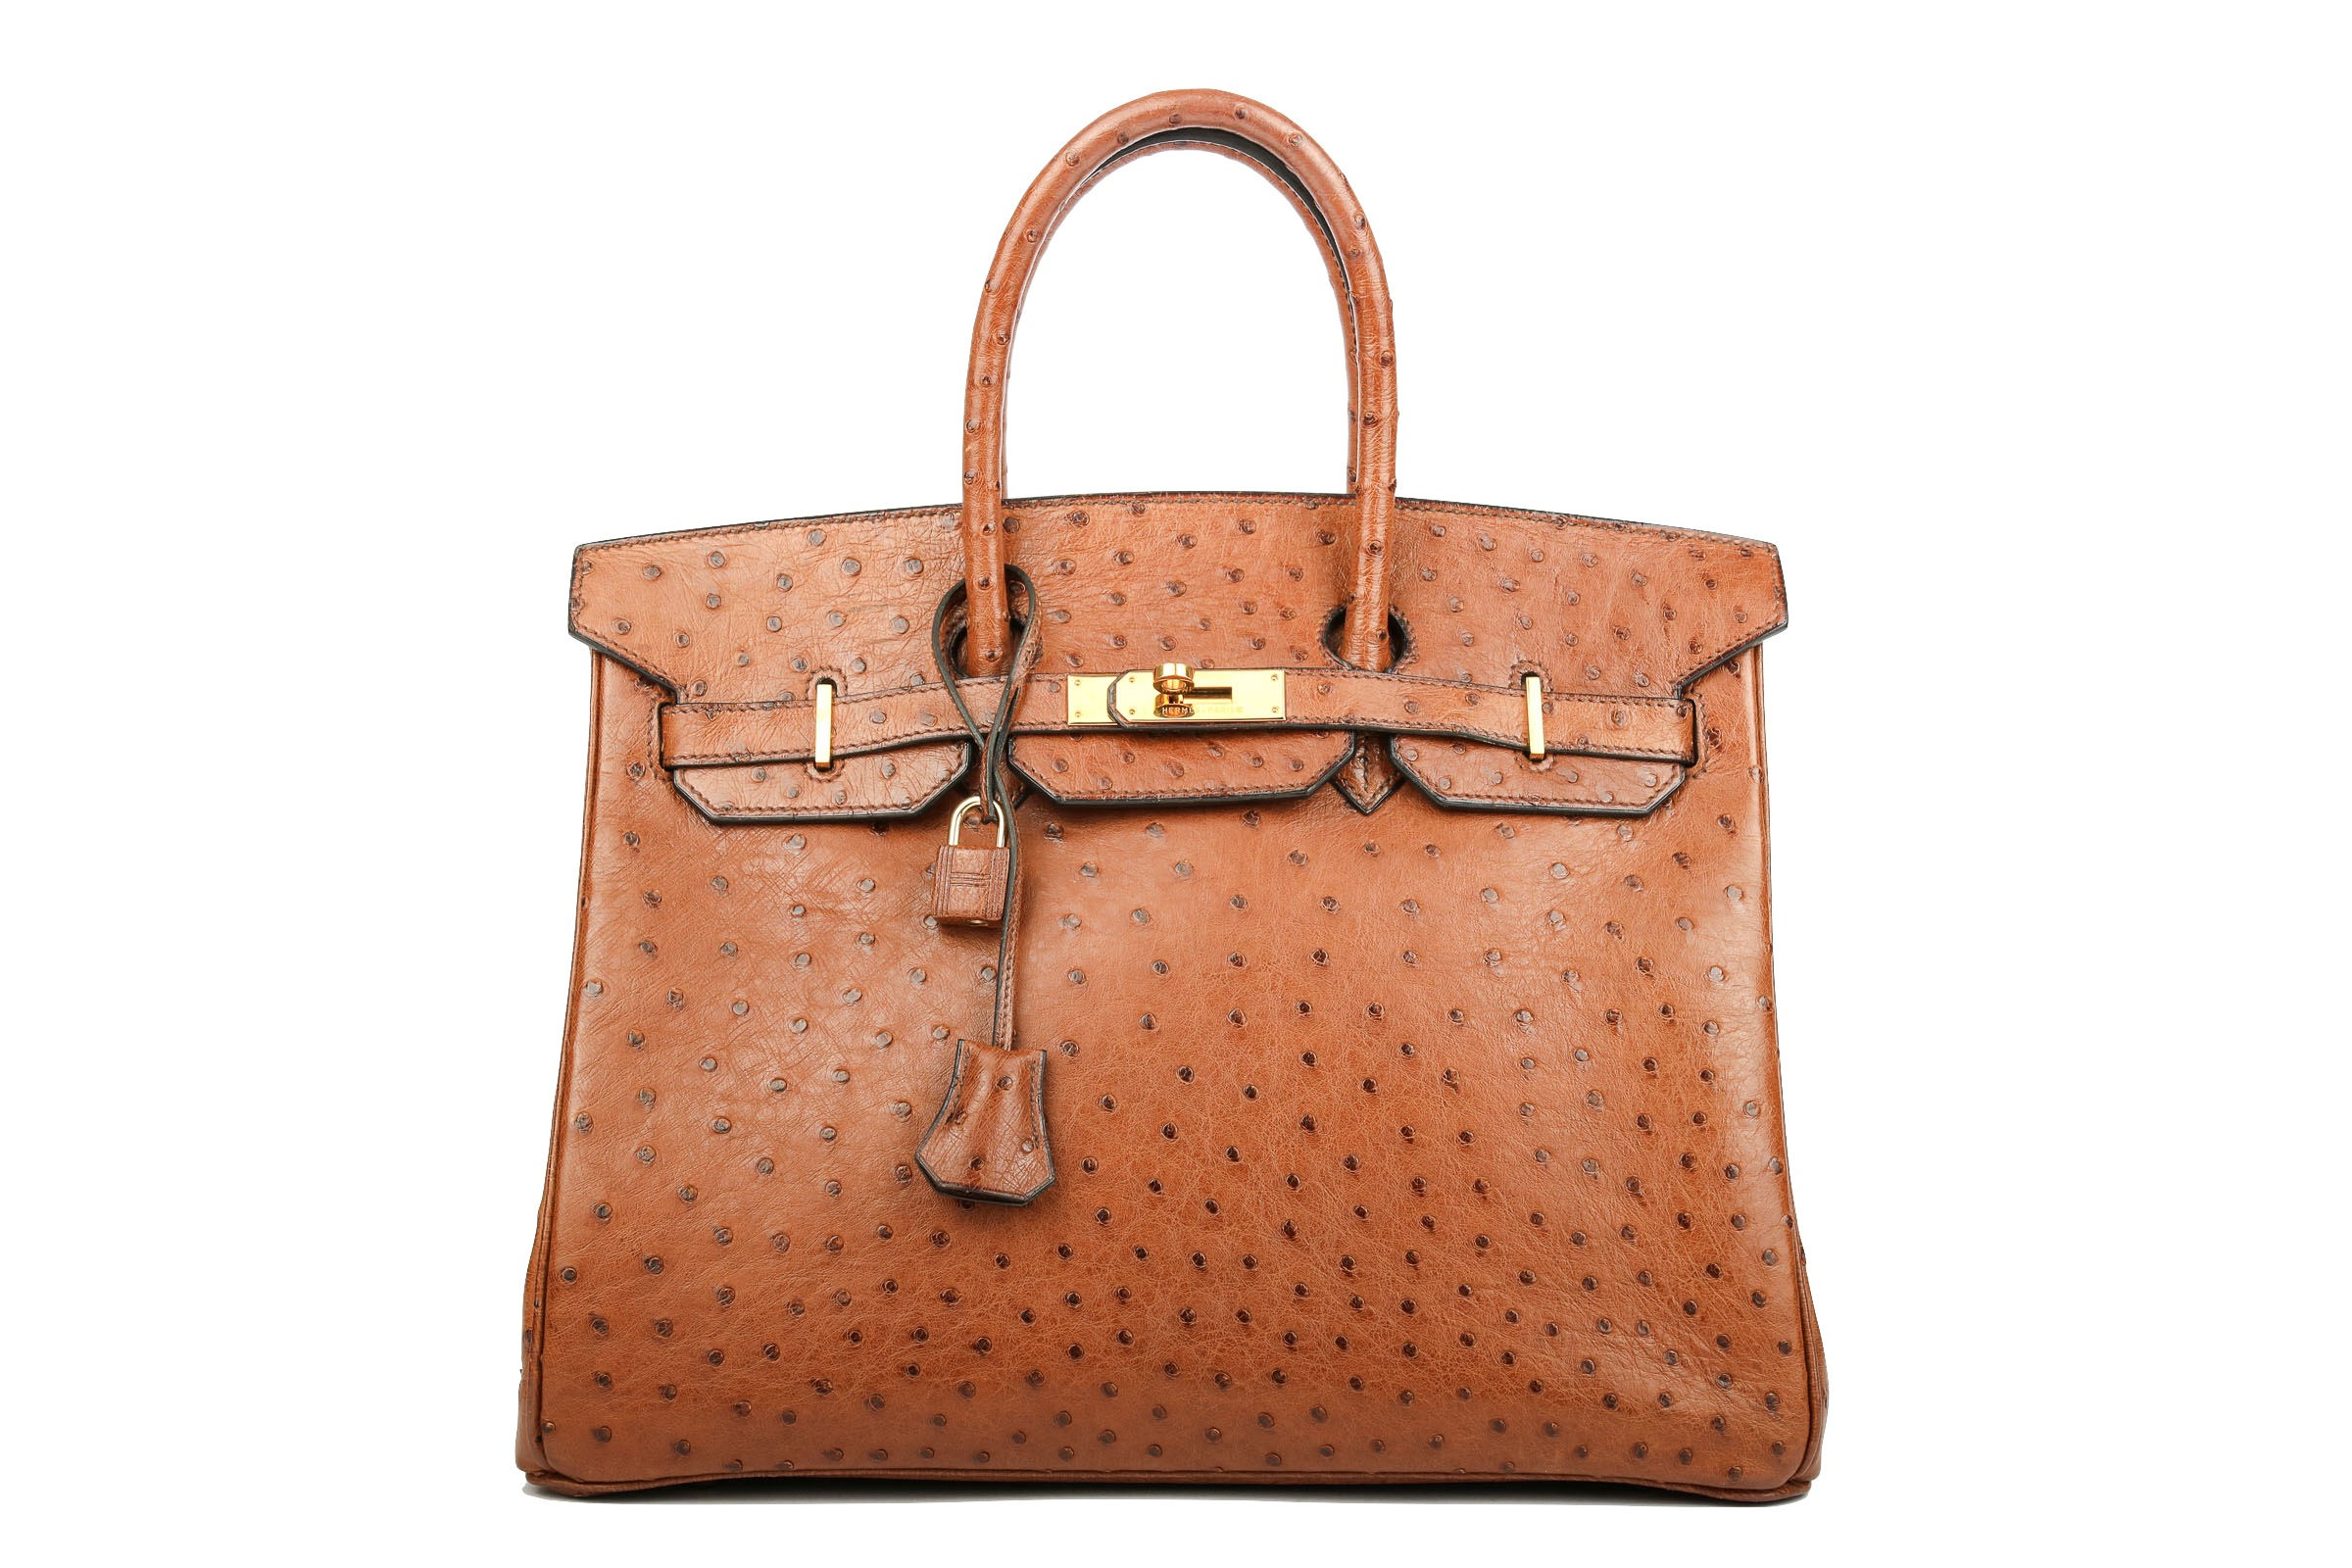 Hermes Birkin Bag Luxussachen Com